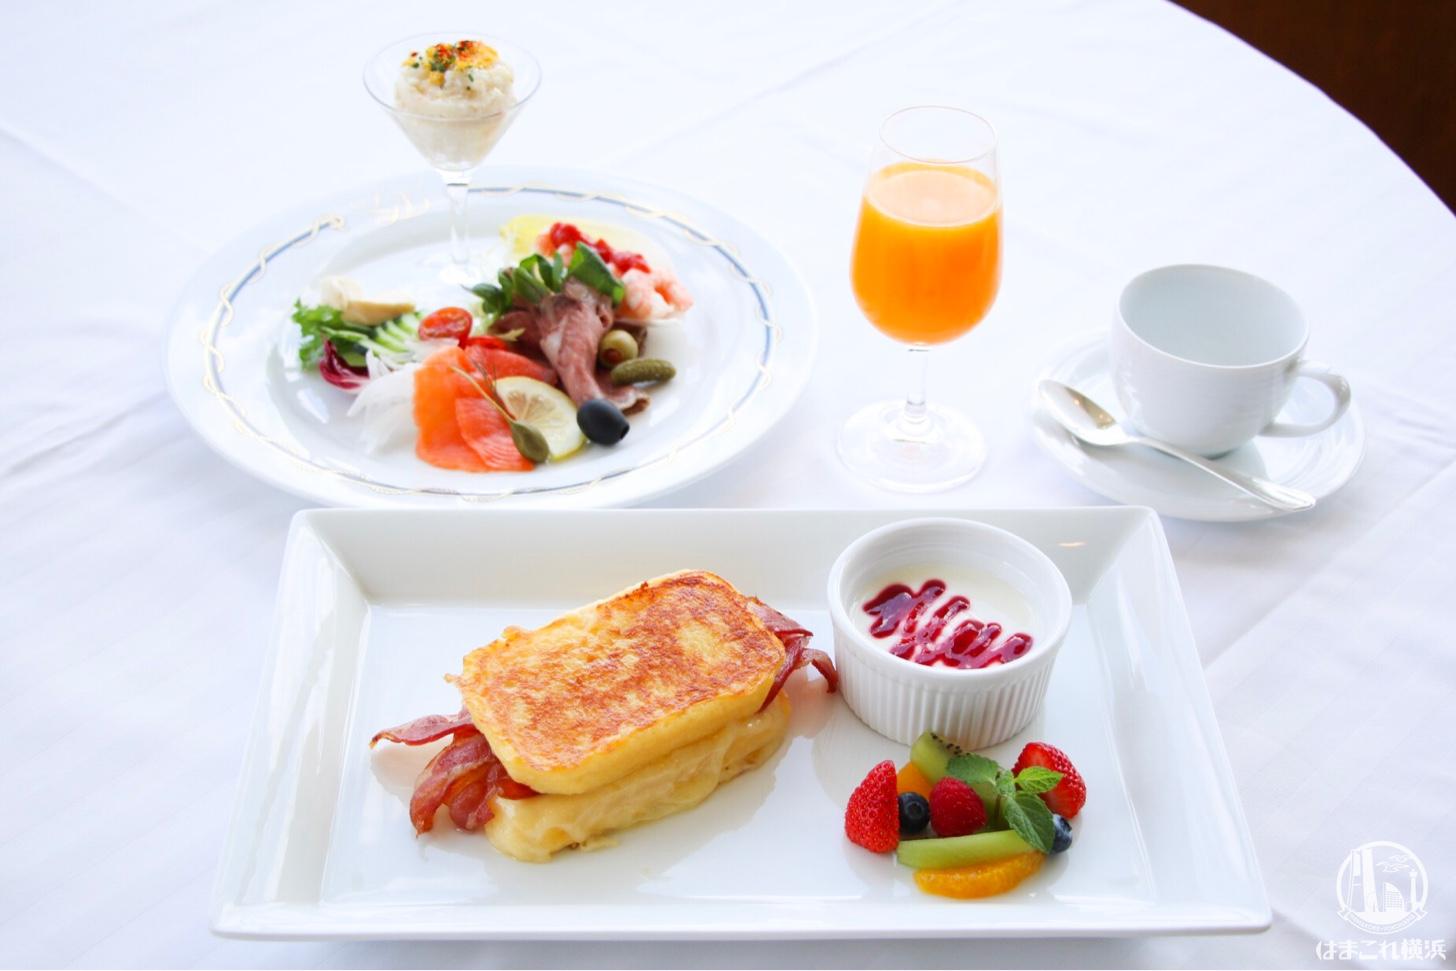 ホテルニューグランドの朝食「モンテクリスト サンド」は特別な日に送りたい新メニュー